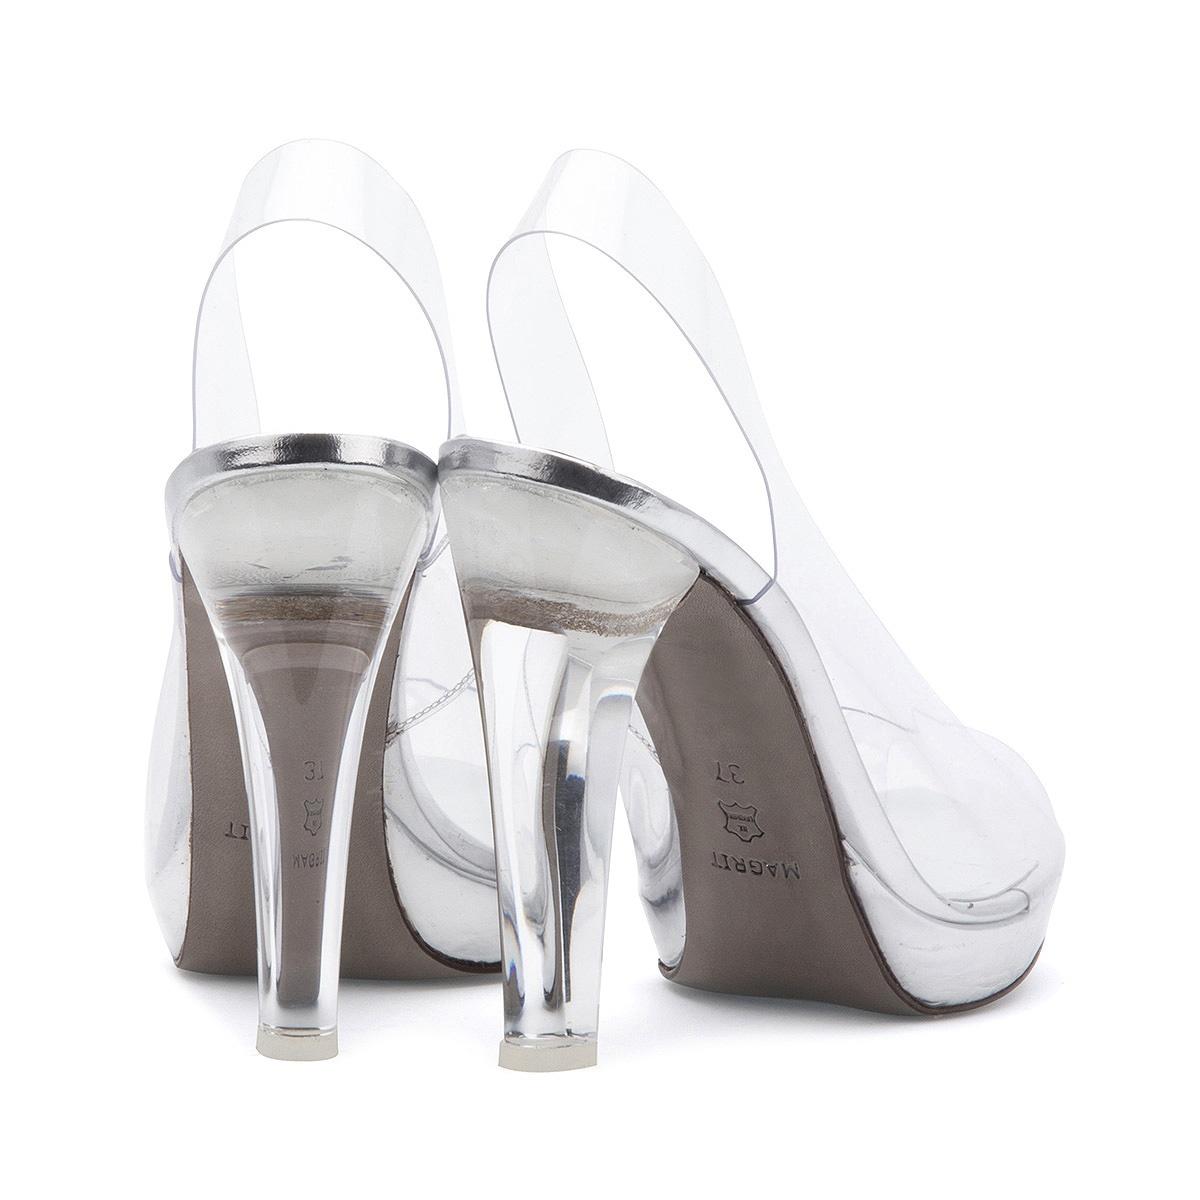 Silvie Magrit peep-toe destalonado zapato vinilo y metacrilato Paloma Silla Destaca-te 4